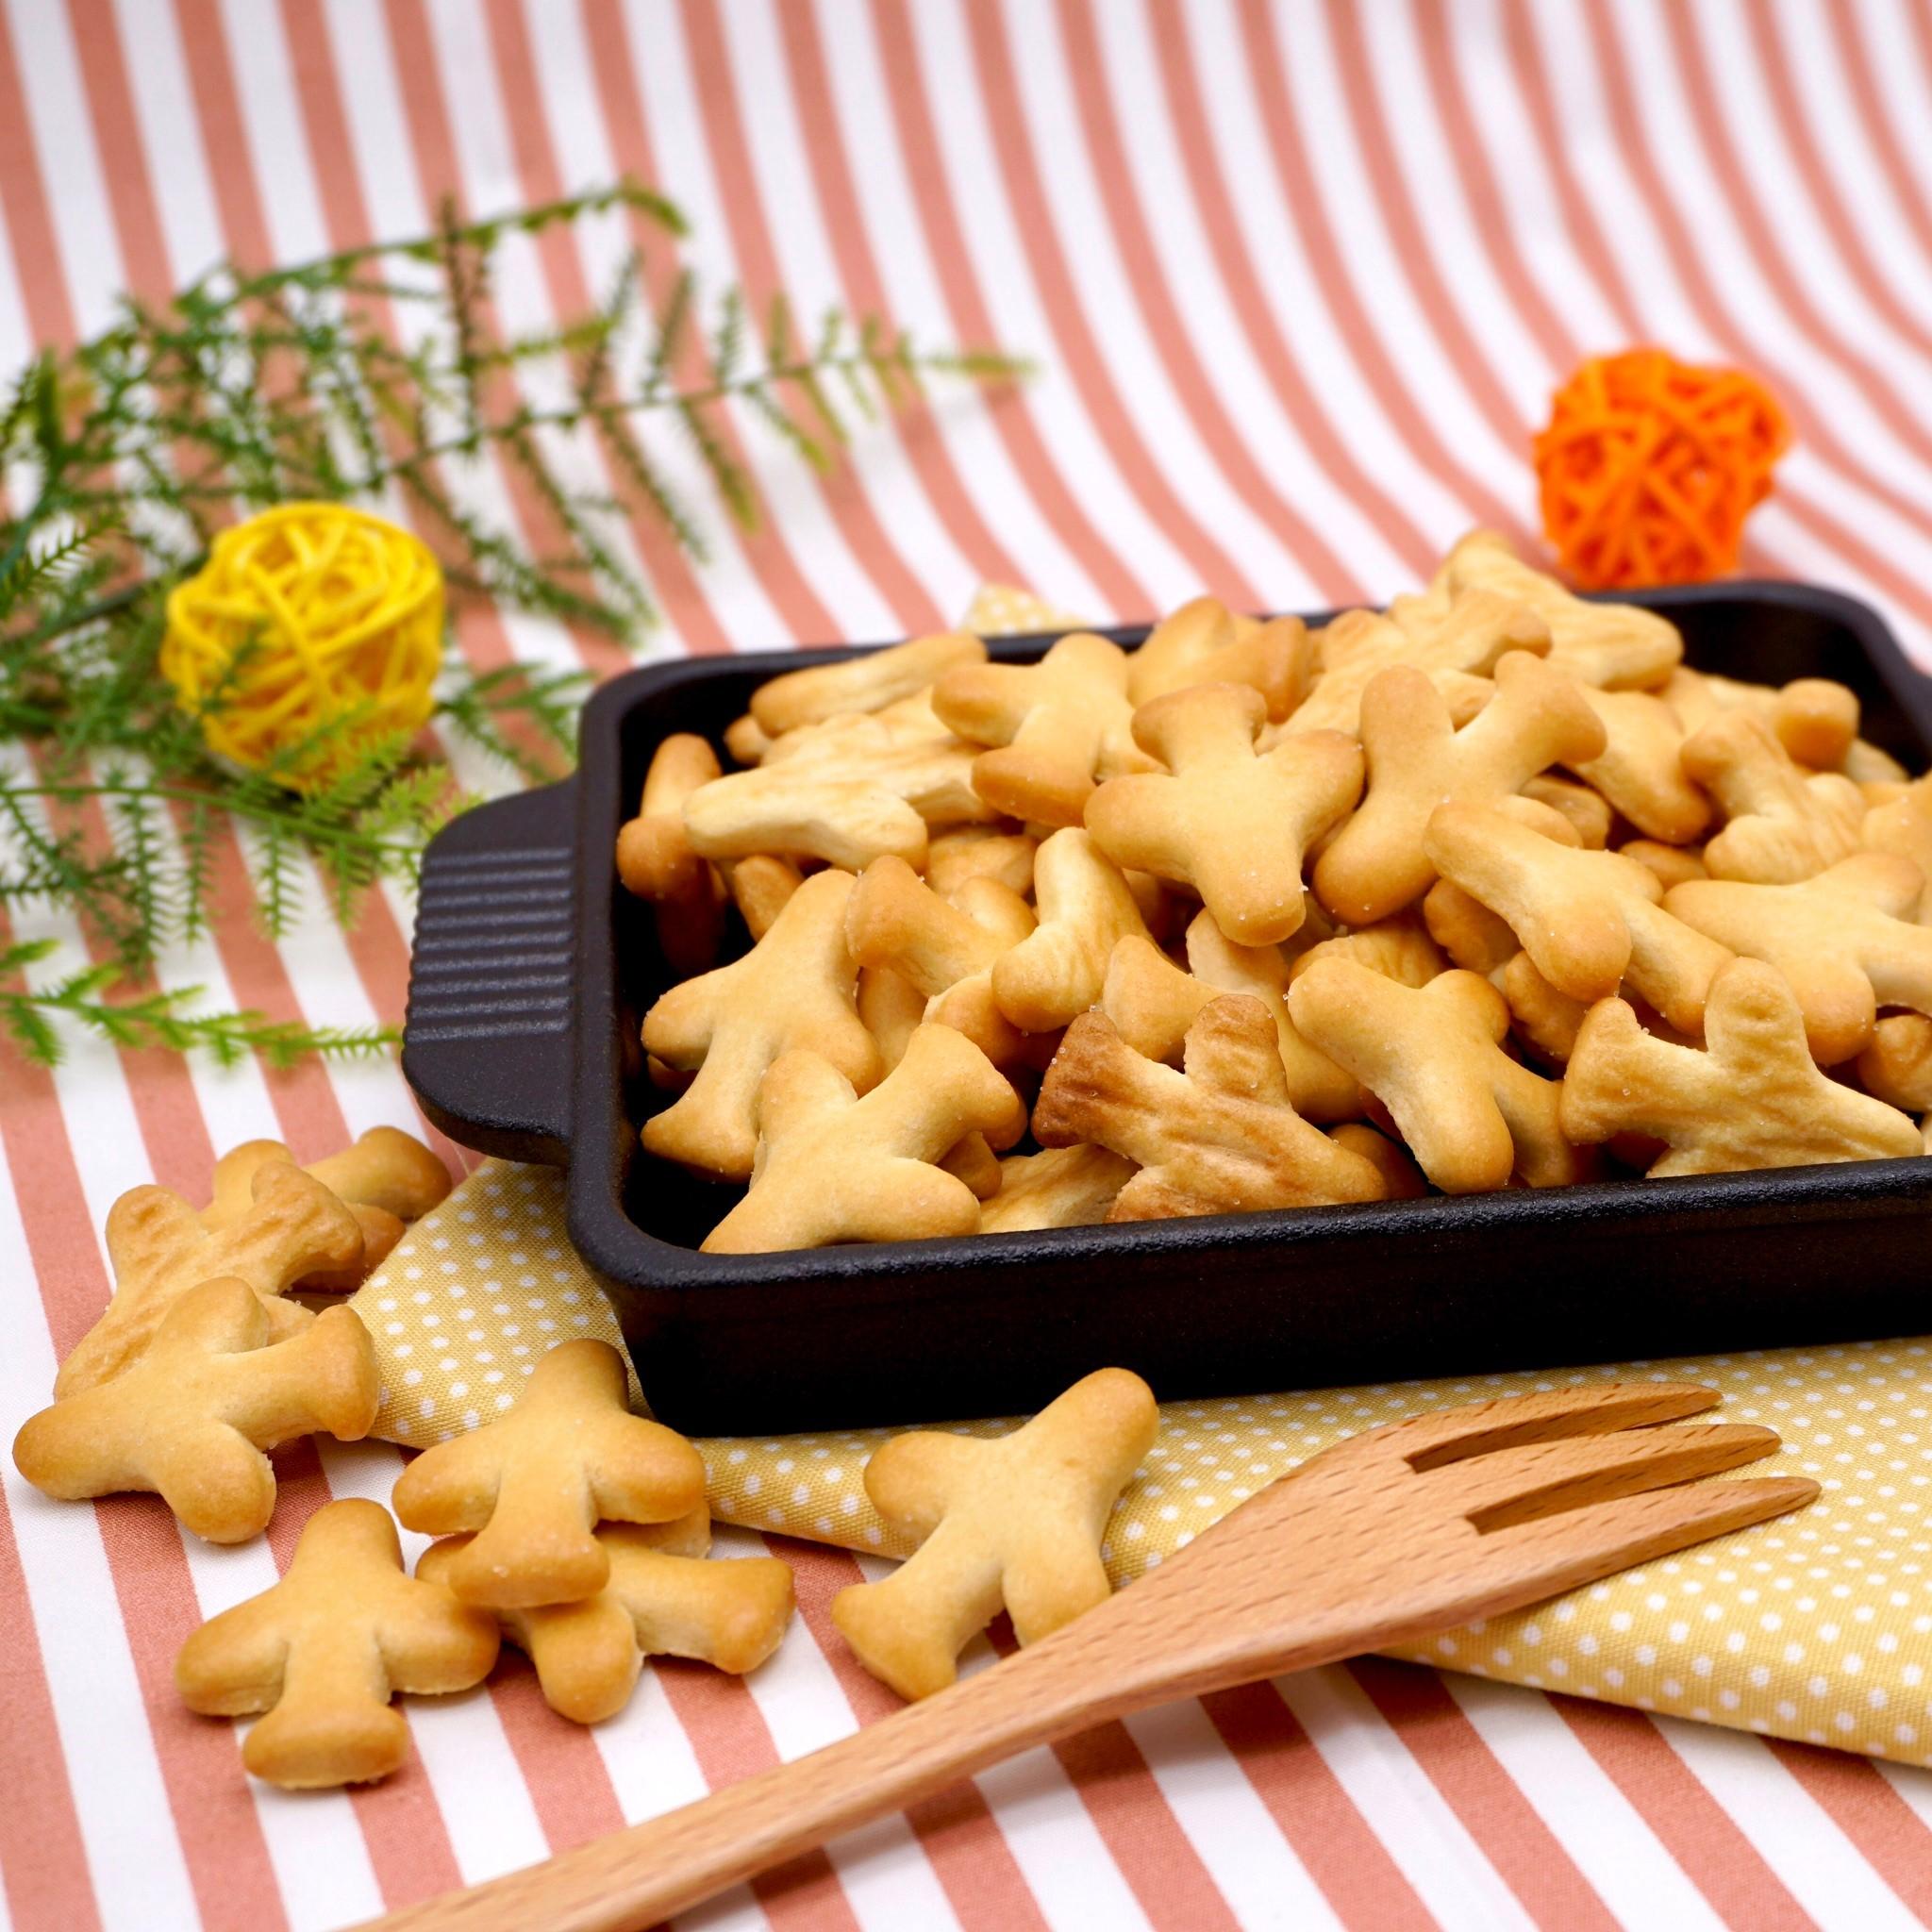 嘴甜甜 飛機餅乾 200公克 餅乾系列 數字餅乾 奶香餅乾 造型餅乾 寶龍 傳統 古早味 餅乾 零食 素食 現貨